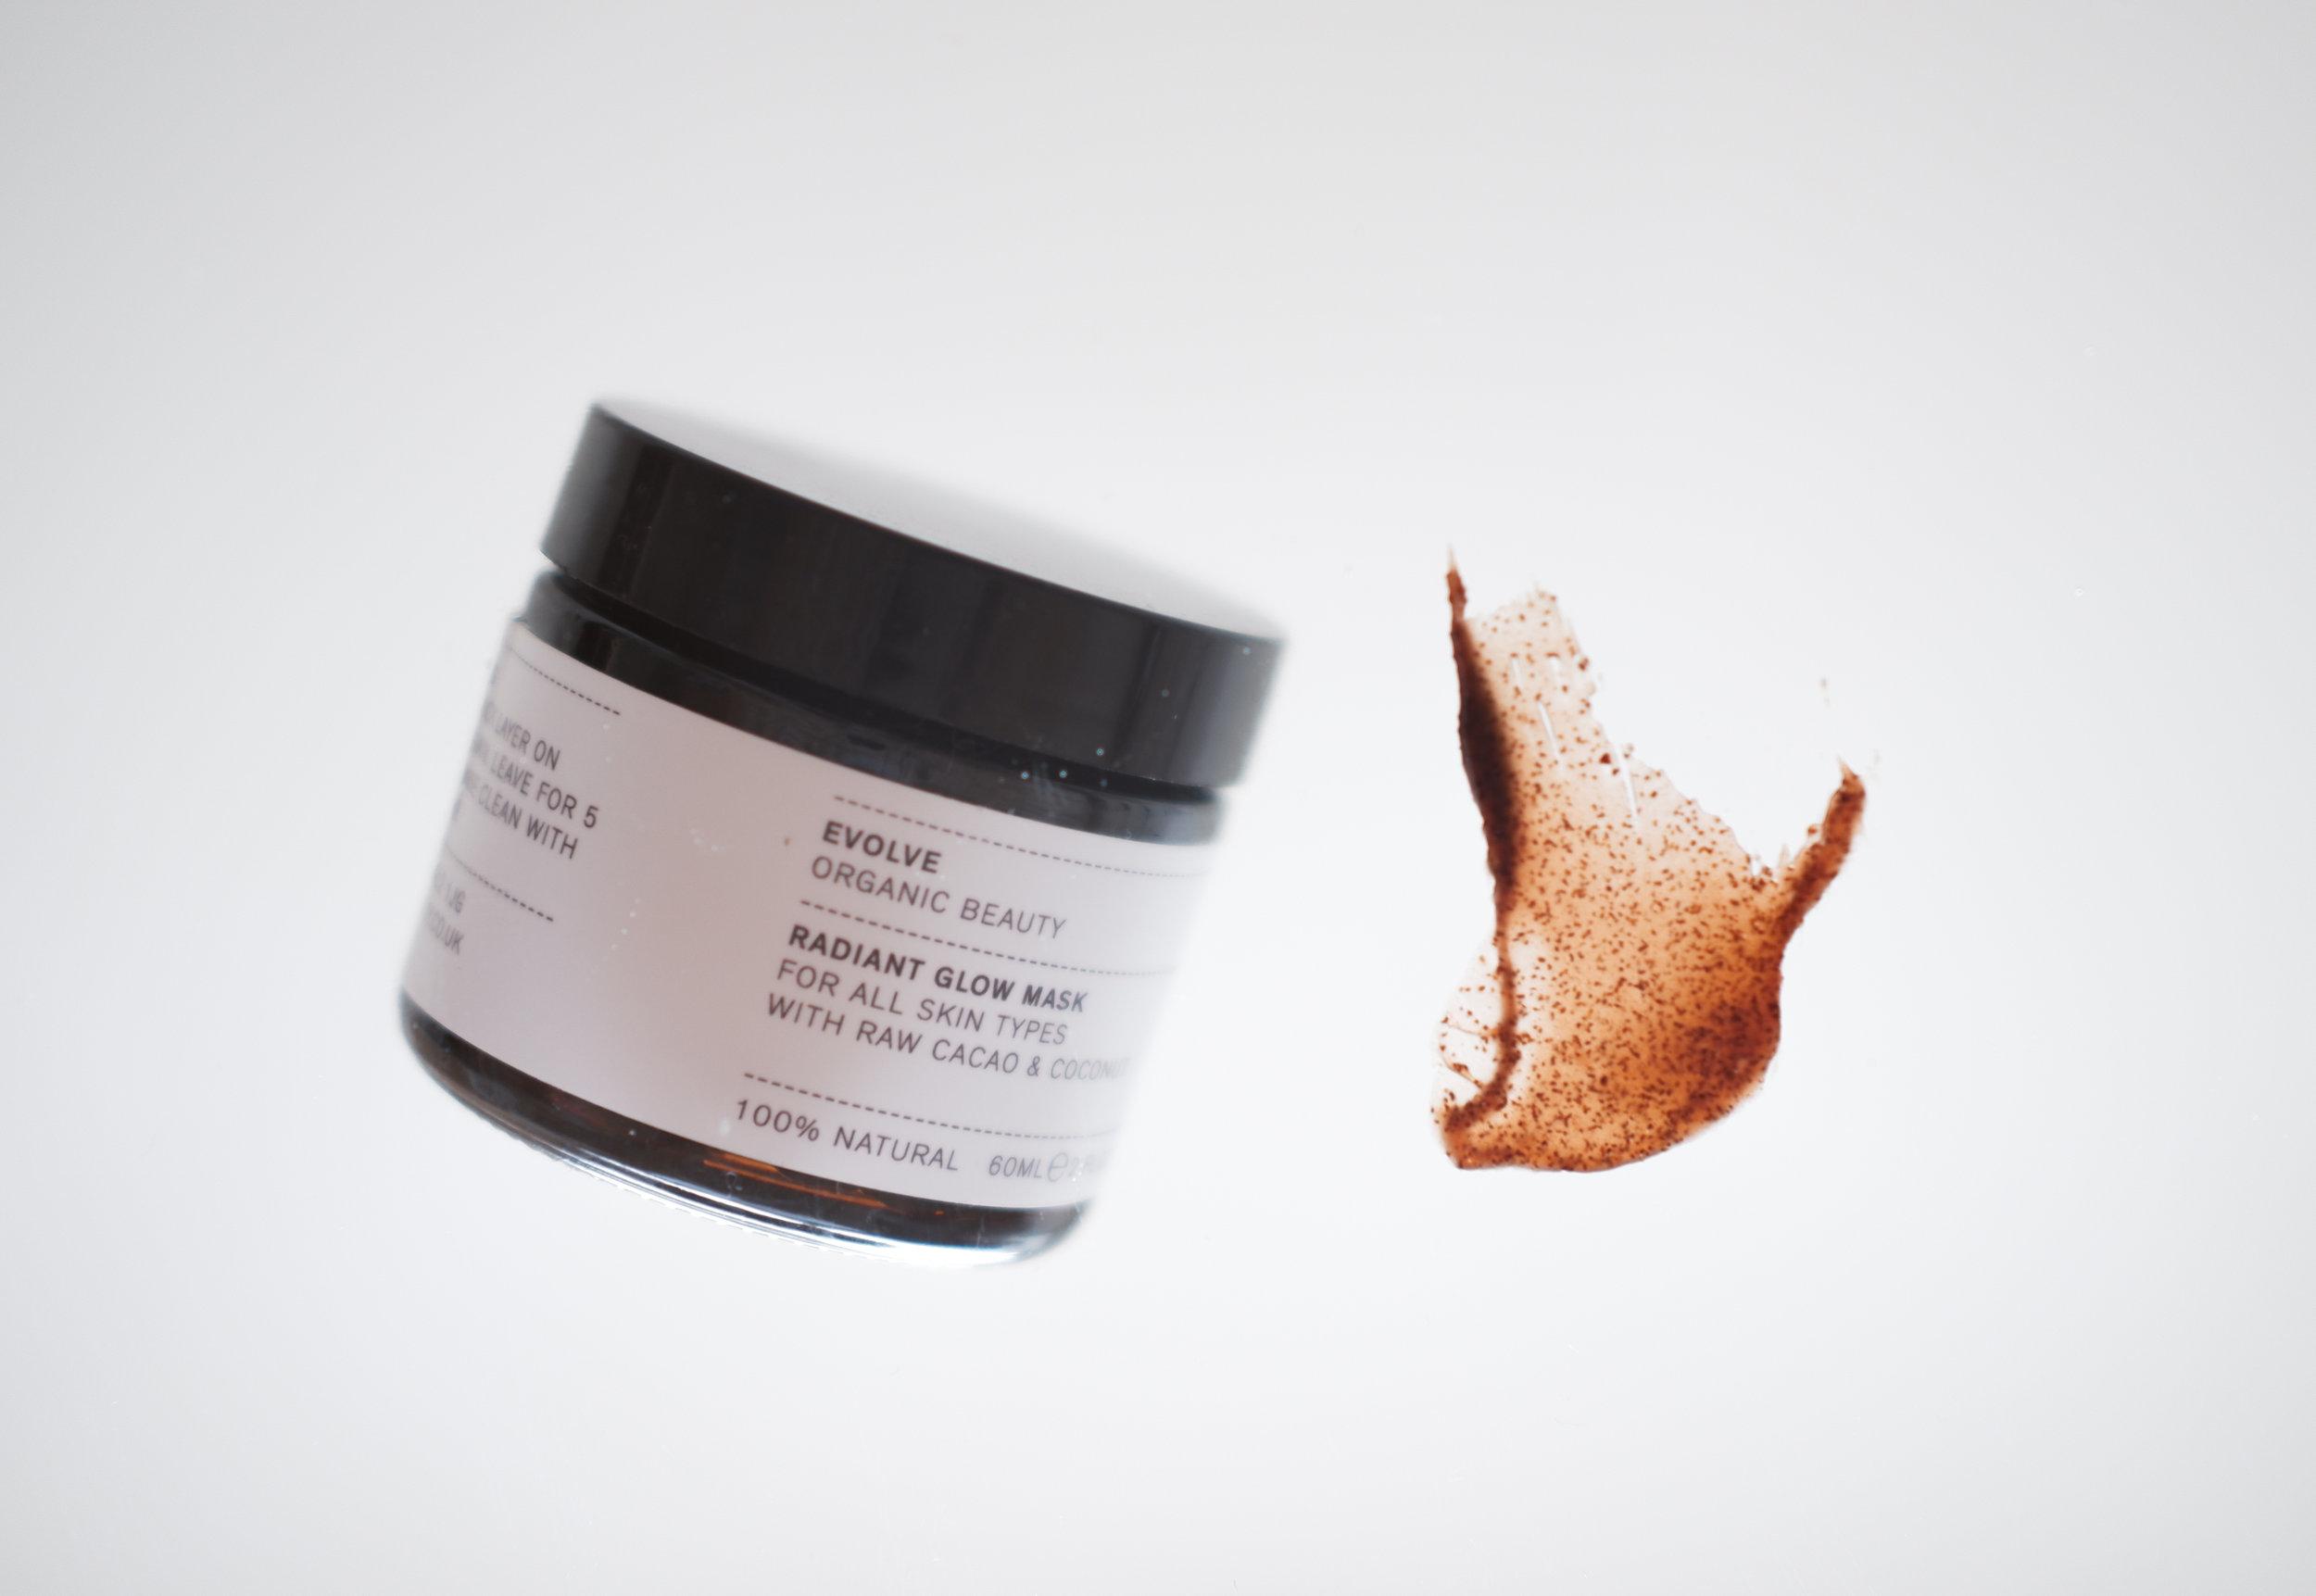 Viikko 17/2019:  Evolve Organic Beauty Radiant Glow Mask  - Kasvoja kirkastava, pehmentävä ja kosteuttava naamio toimii jokaisessa tilanteessa ja vähän jokaiseen tarpeeseen. Naamiossa oleva raakakaakao suojaa ihoa, parantaa sen kosteustasapainoa ja tasoittaa ihon sävyä. Raakakaakao sisältää myös paljon C-vitamiinia, jolla on ihoa kirkastavia ominaisuuksia. Manteliöljy sen sijaan kosteuttaa, pehmentää ja ravitsee ihoa. Ihana all-in-one -tuote viikottaiseen käyttöön!